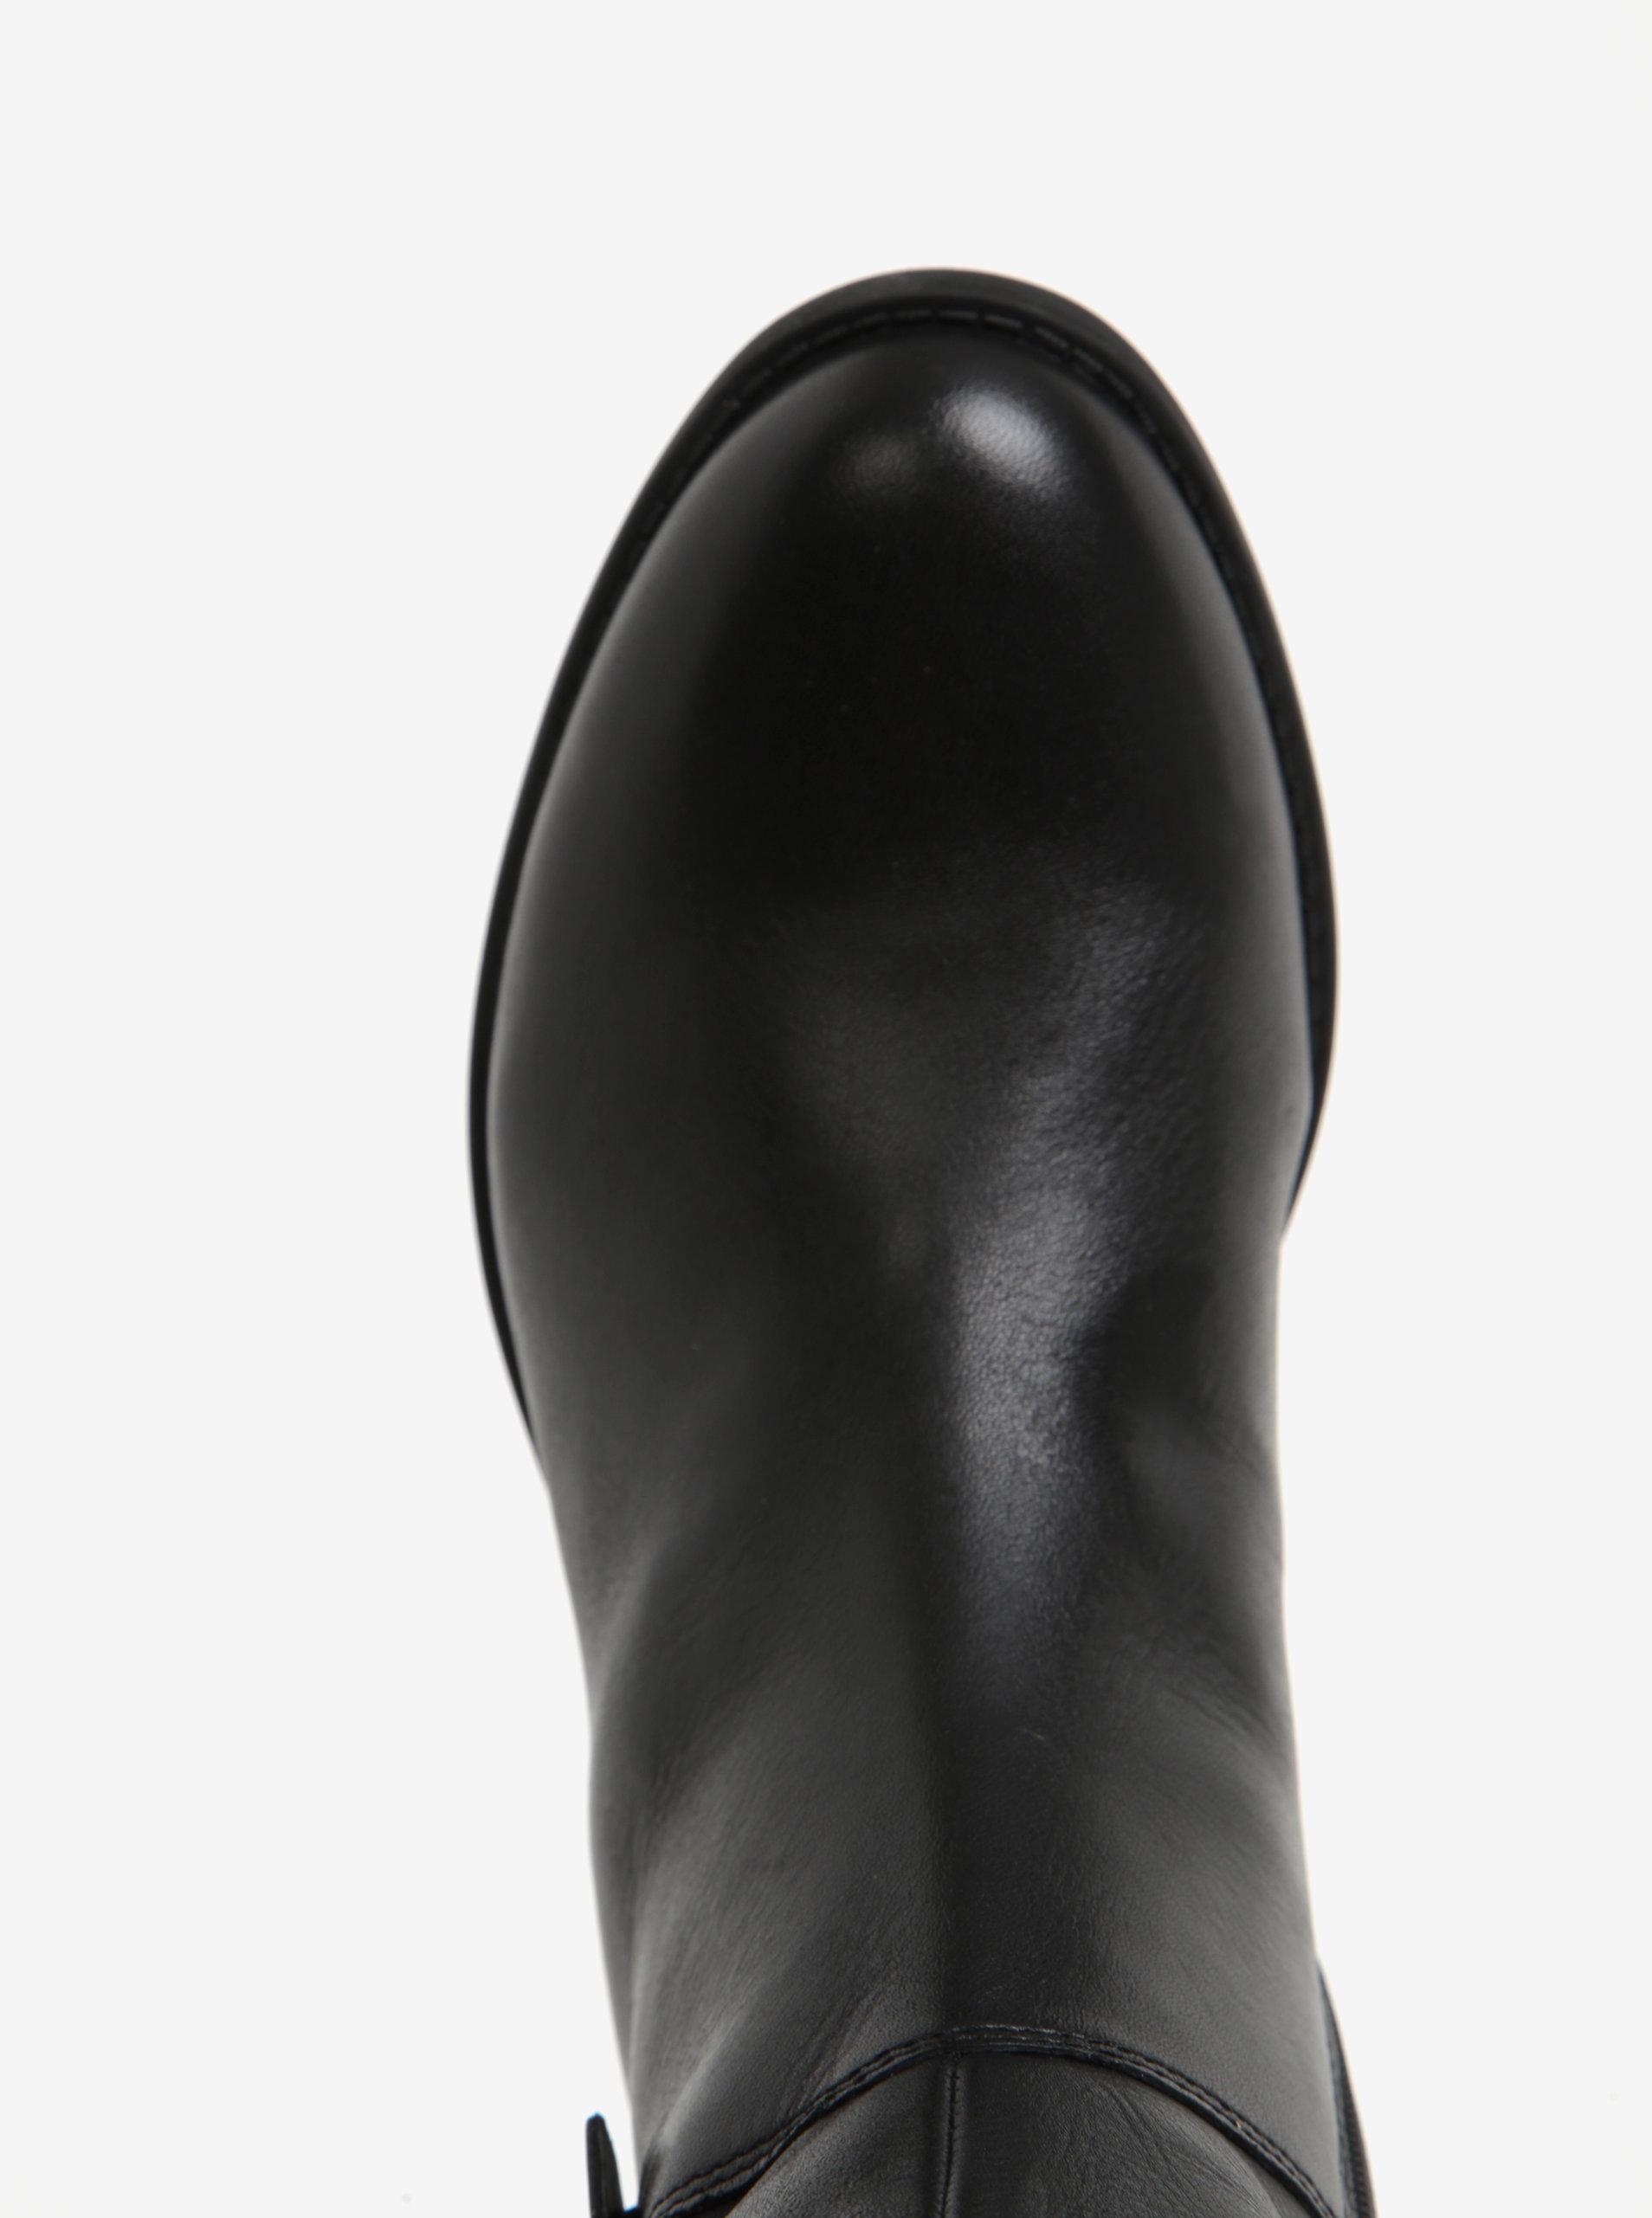 b8c2963c31 Čierne dámske kožené čižmy Vagabond Cary ...